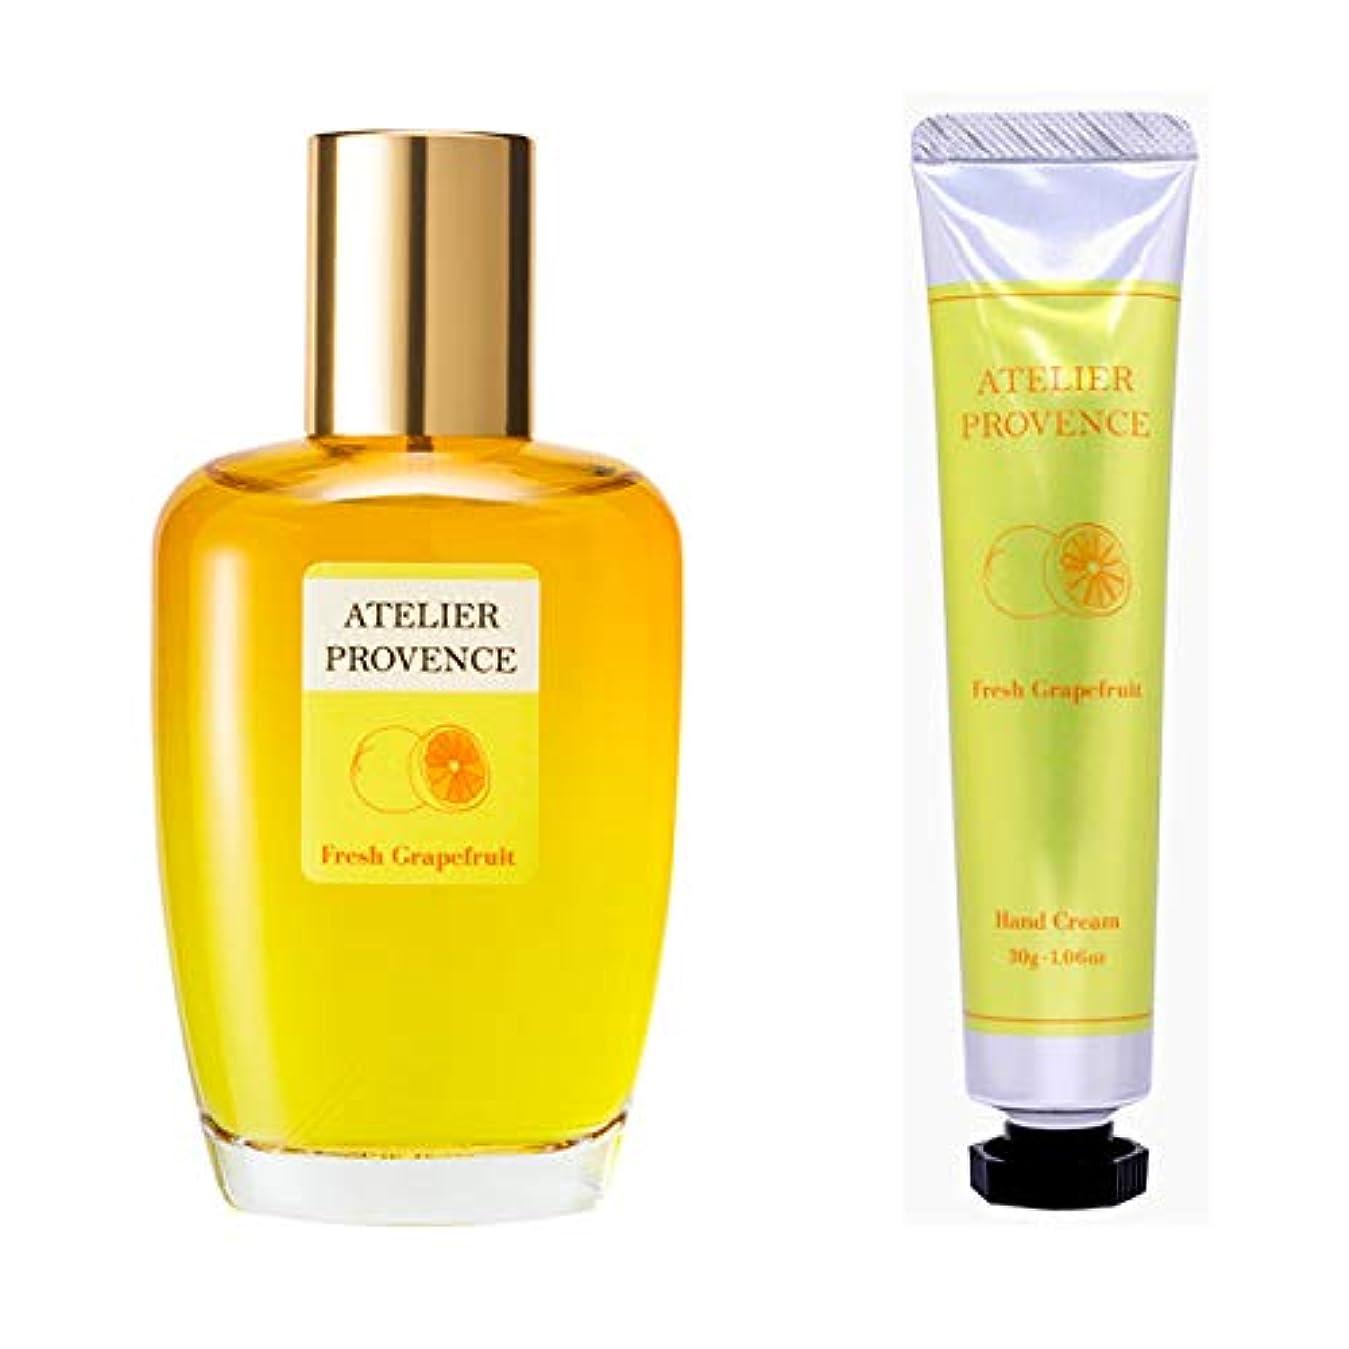 強制キャリッジ有名人アトリエ プロヴァンス ATELIER PROVENCE フレッシュグレープフルーツの香り コフレセット(EDT90ml+ハンドクリーム30g)